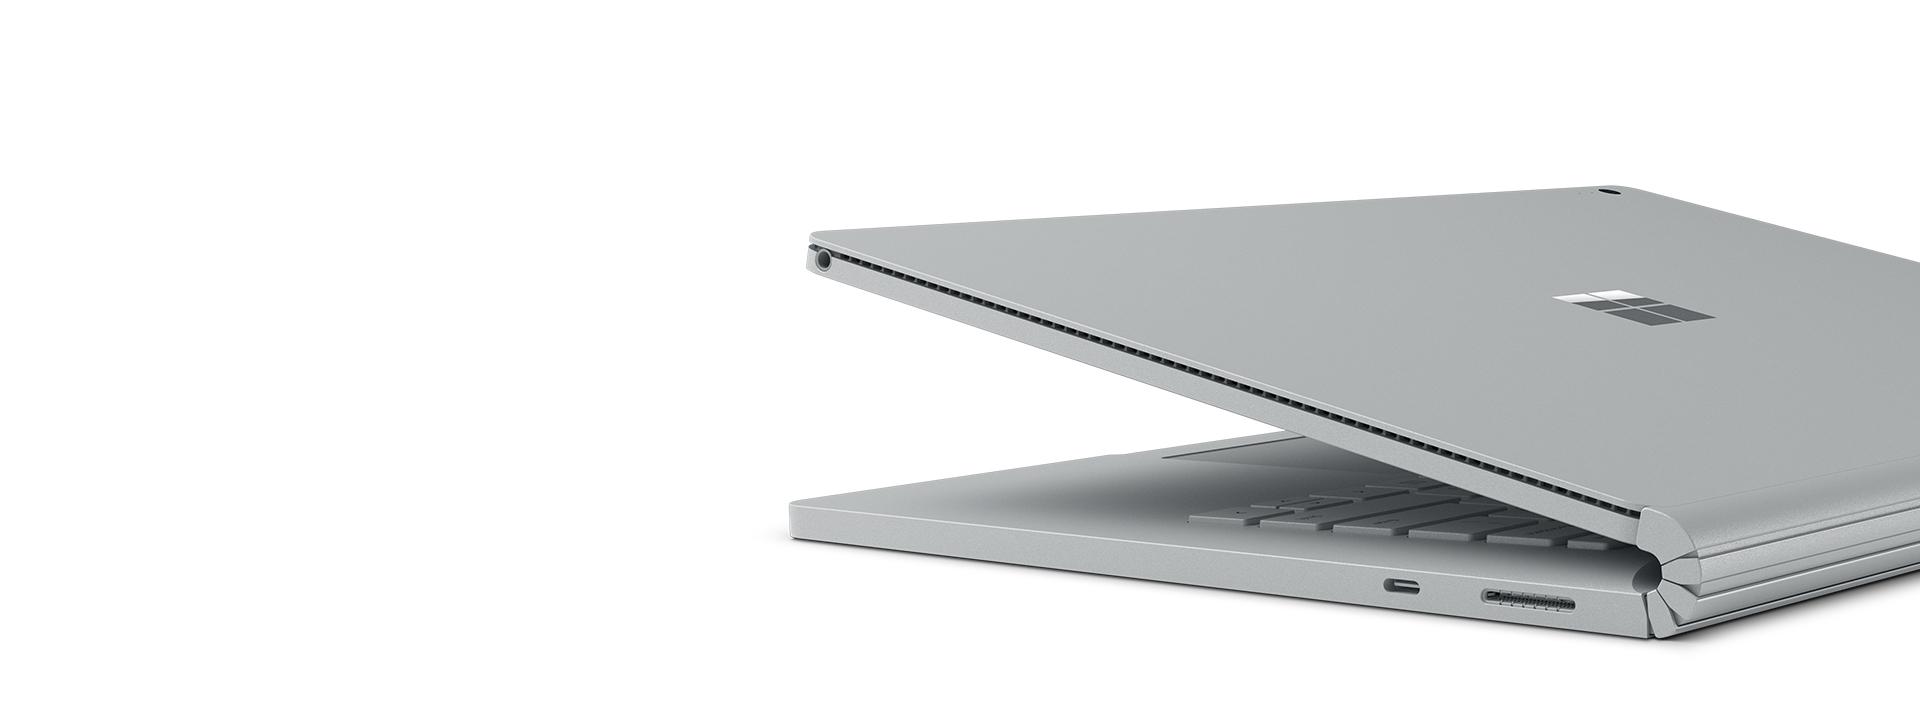 Surface Book 2 med visning af USB-C-port